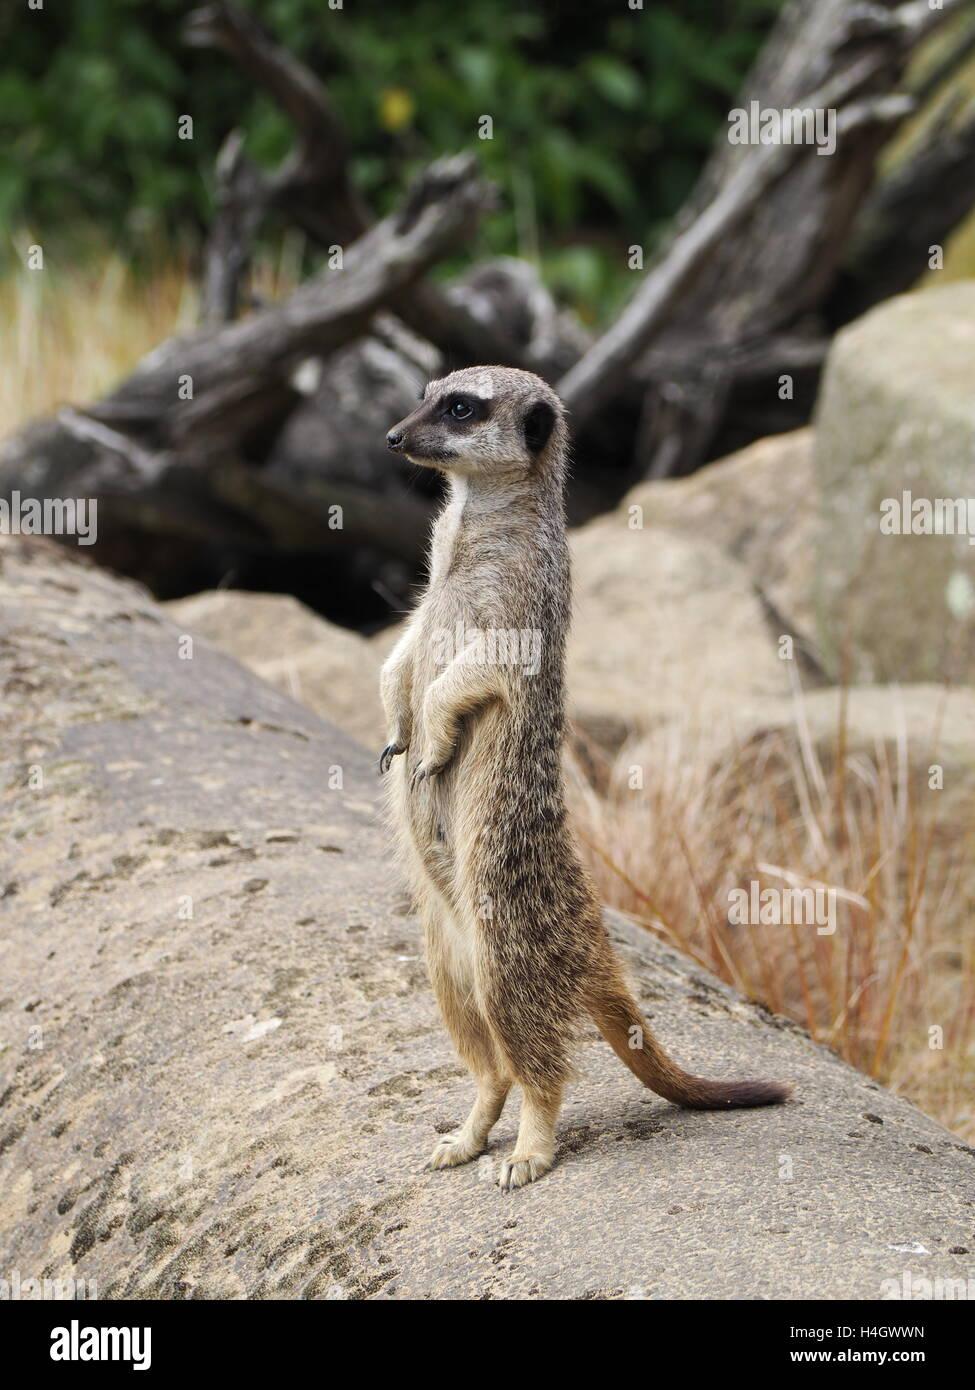 Meerkat standing on watch in wildlife reserve Stock Photo